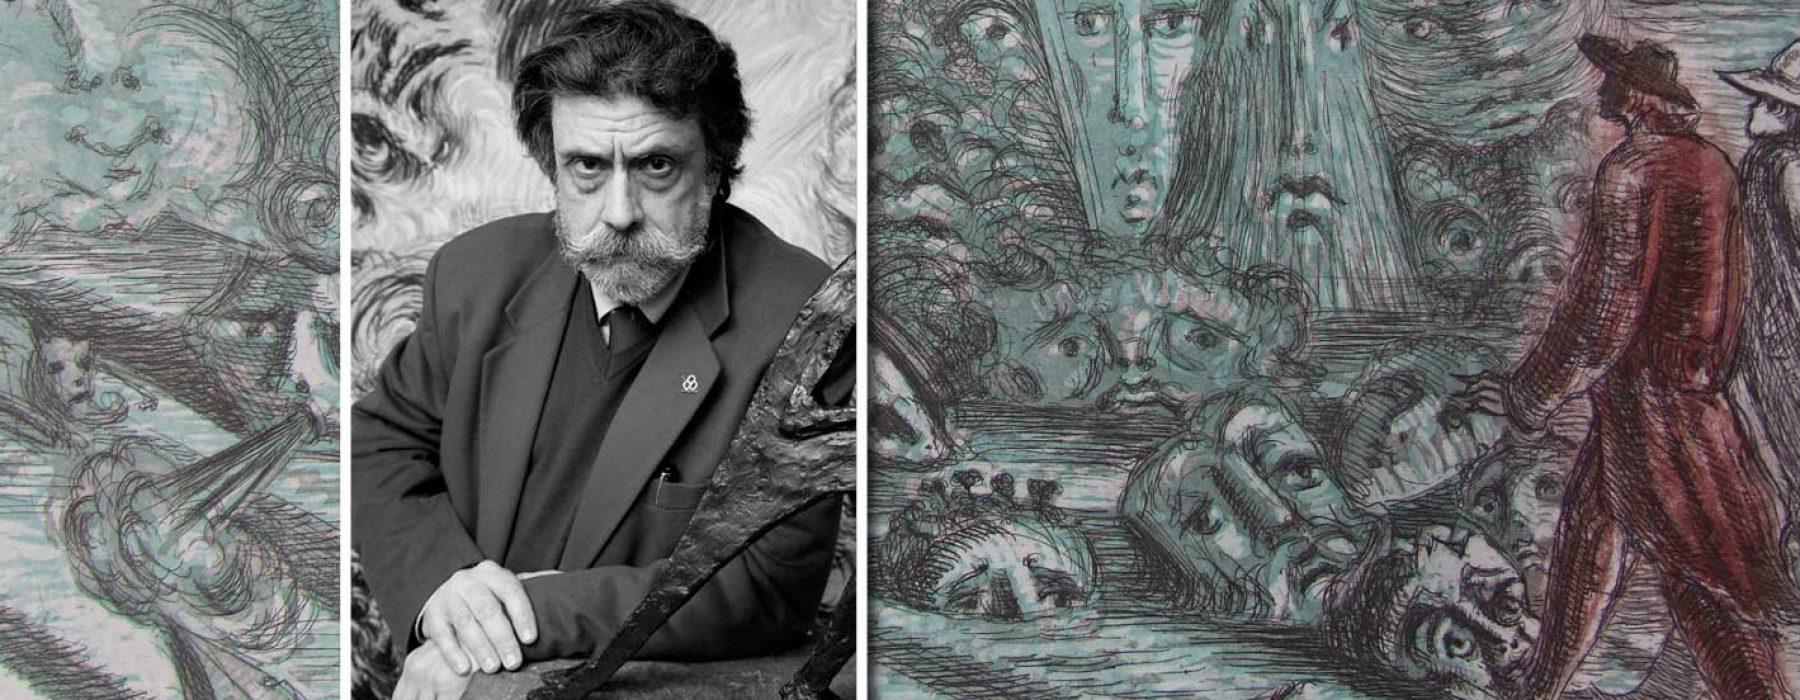 L'essence de l'art et de la culture italienne dans un Master